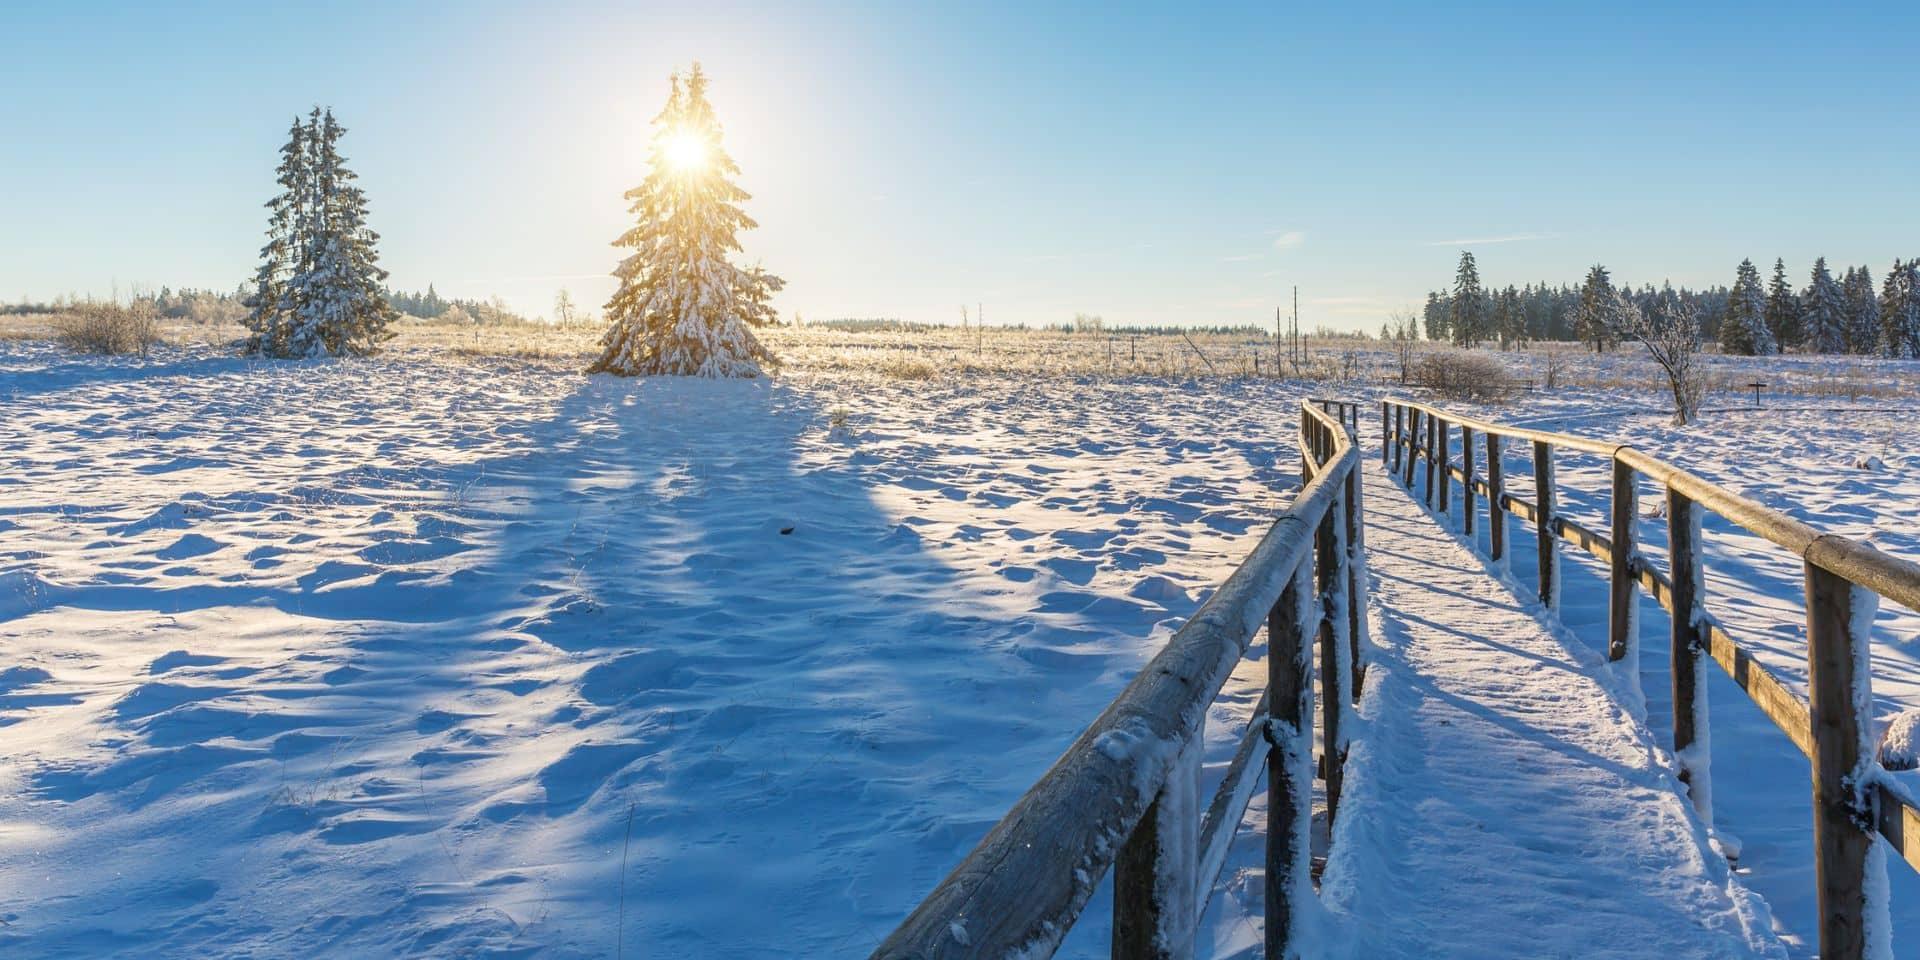 Le retour de la neige ce mardi: voici où et quand les flocons devraient tomber